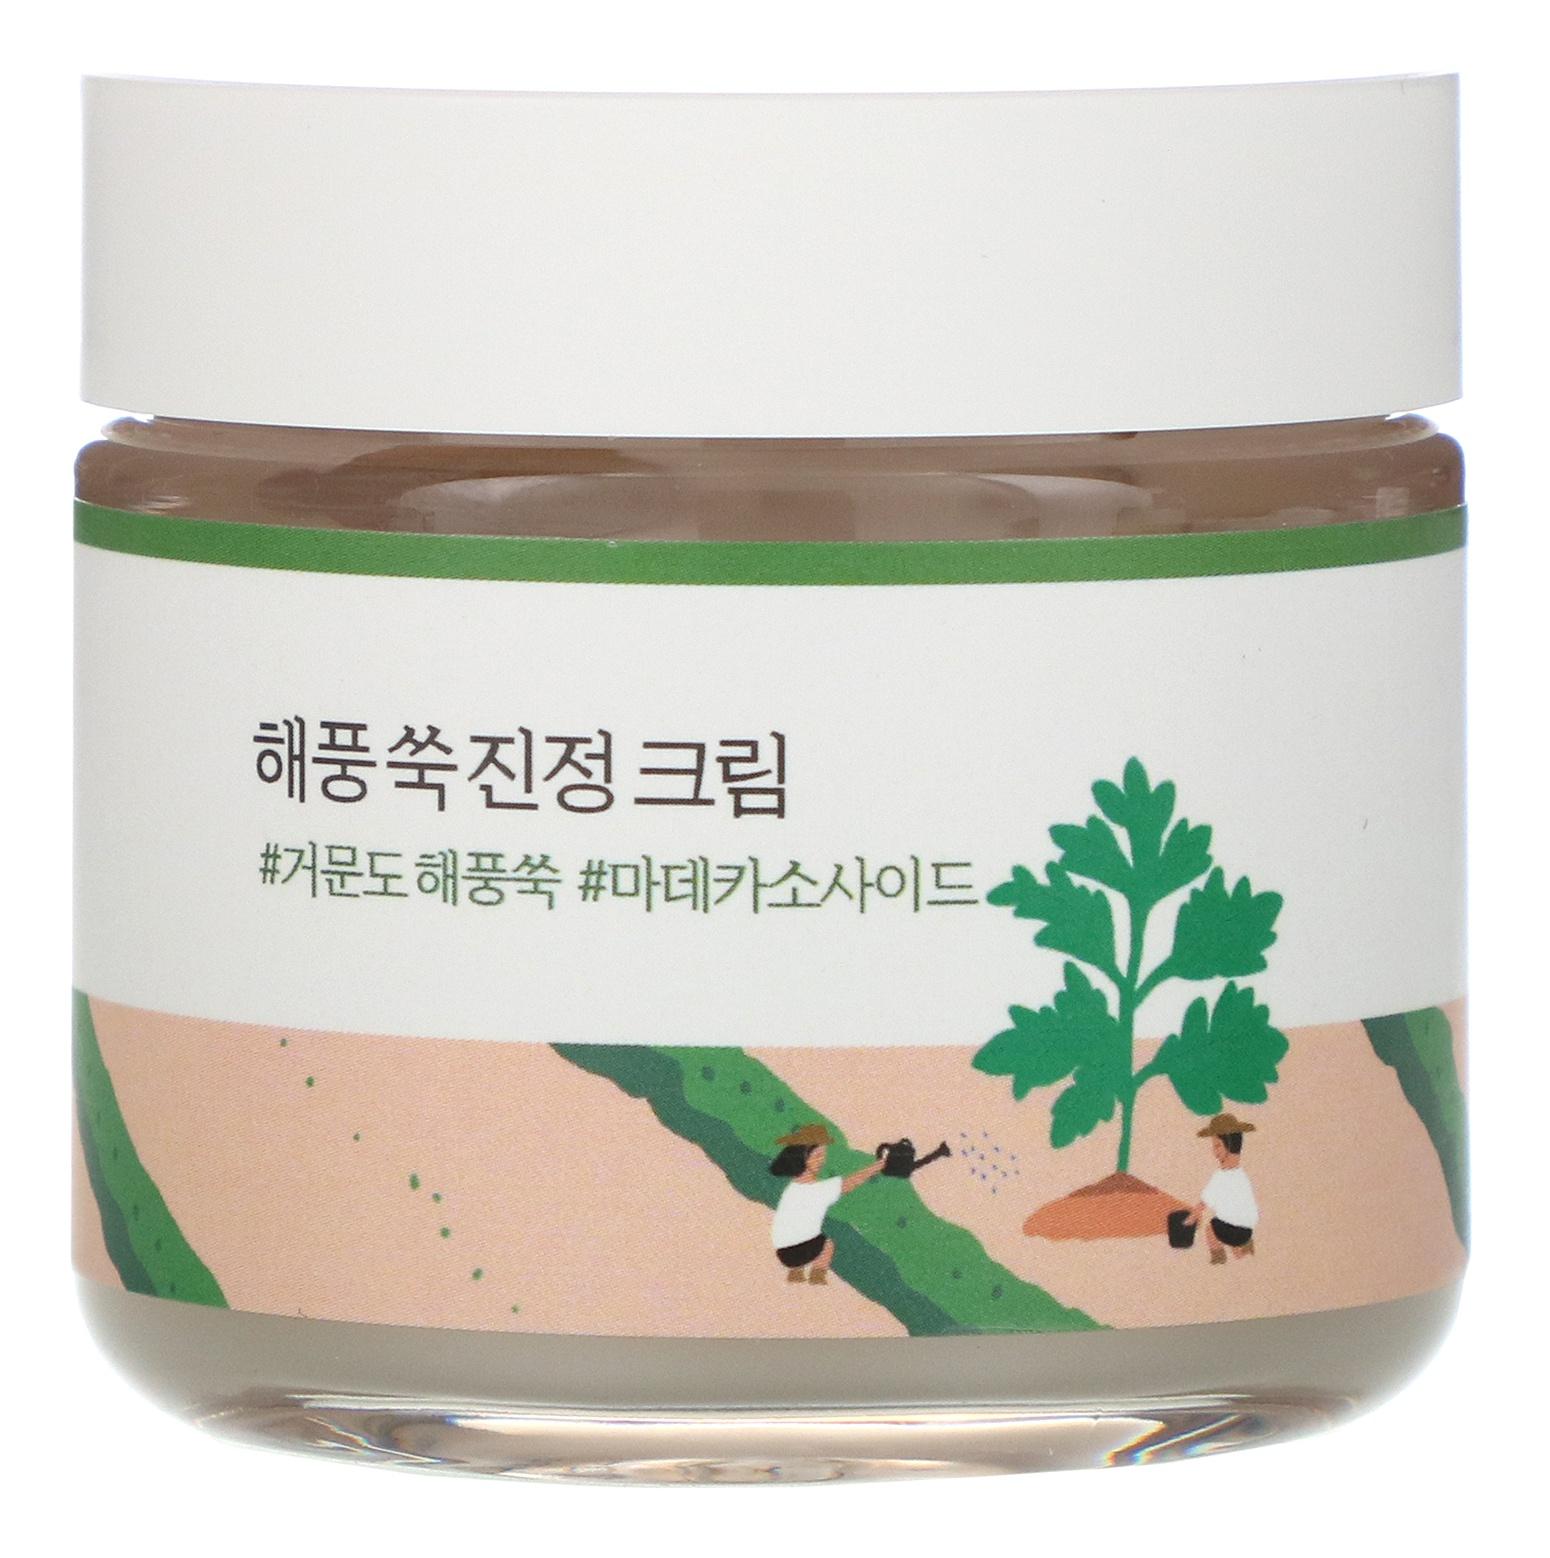 ROUND LAB Mugwort Calming Cream (2021)